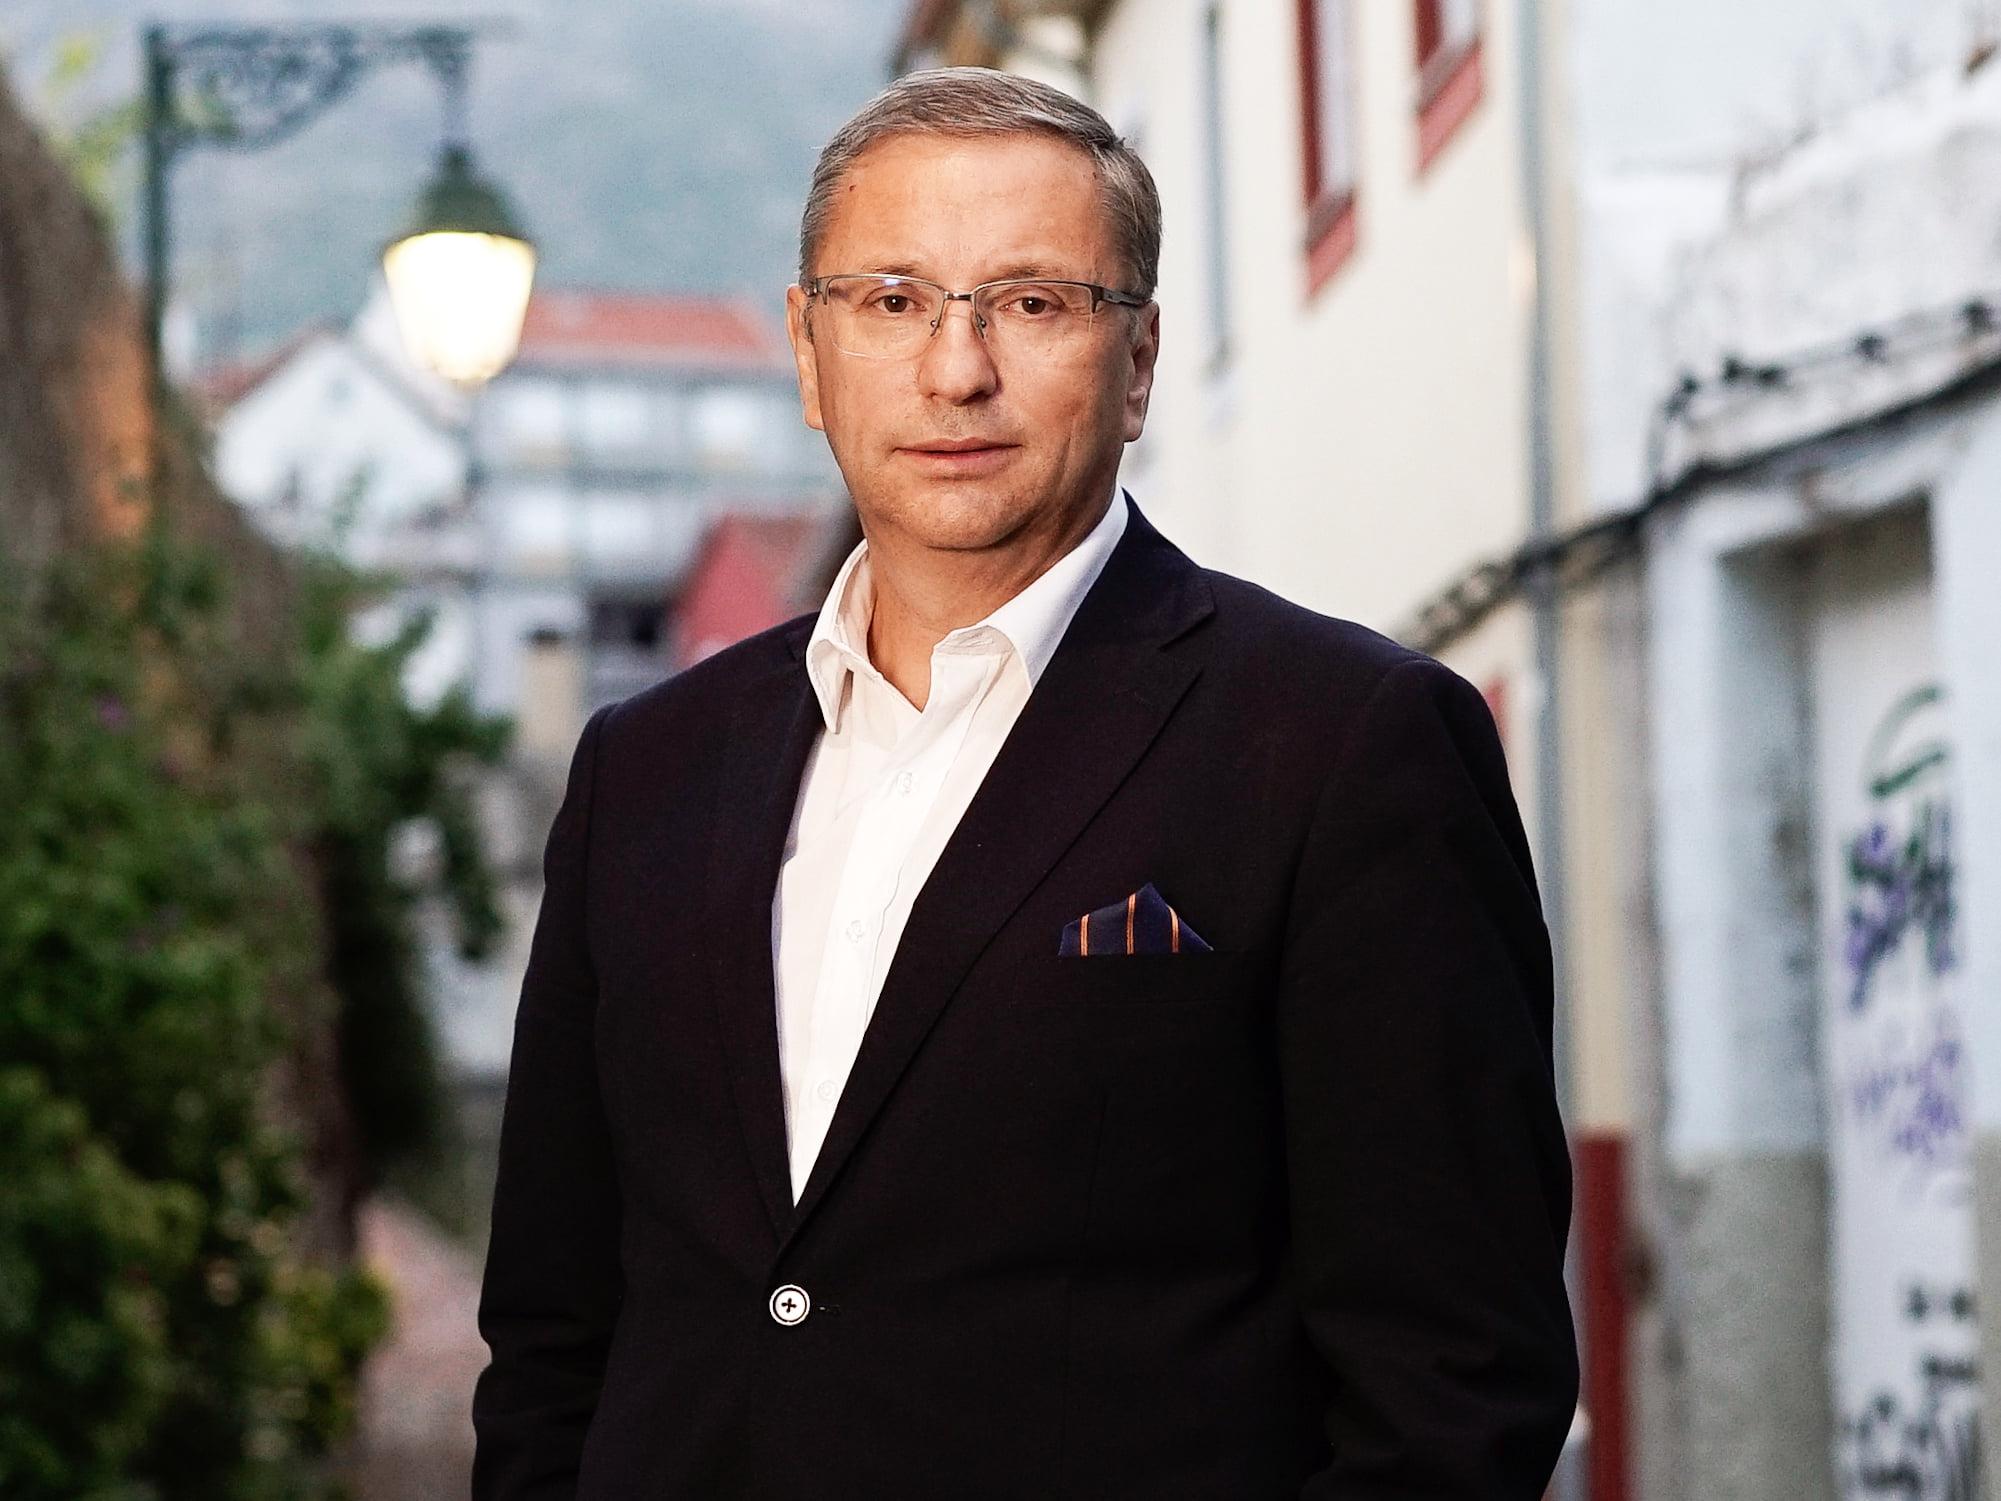 Amigo de Nova Friburgo, o escritor João Morgado vence prêmio literário Manuel da Fonseca